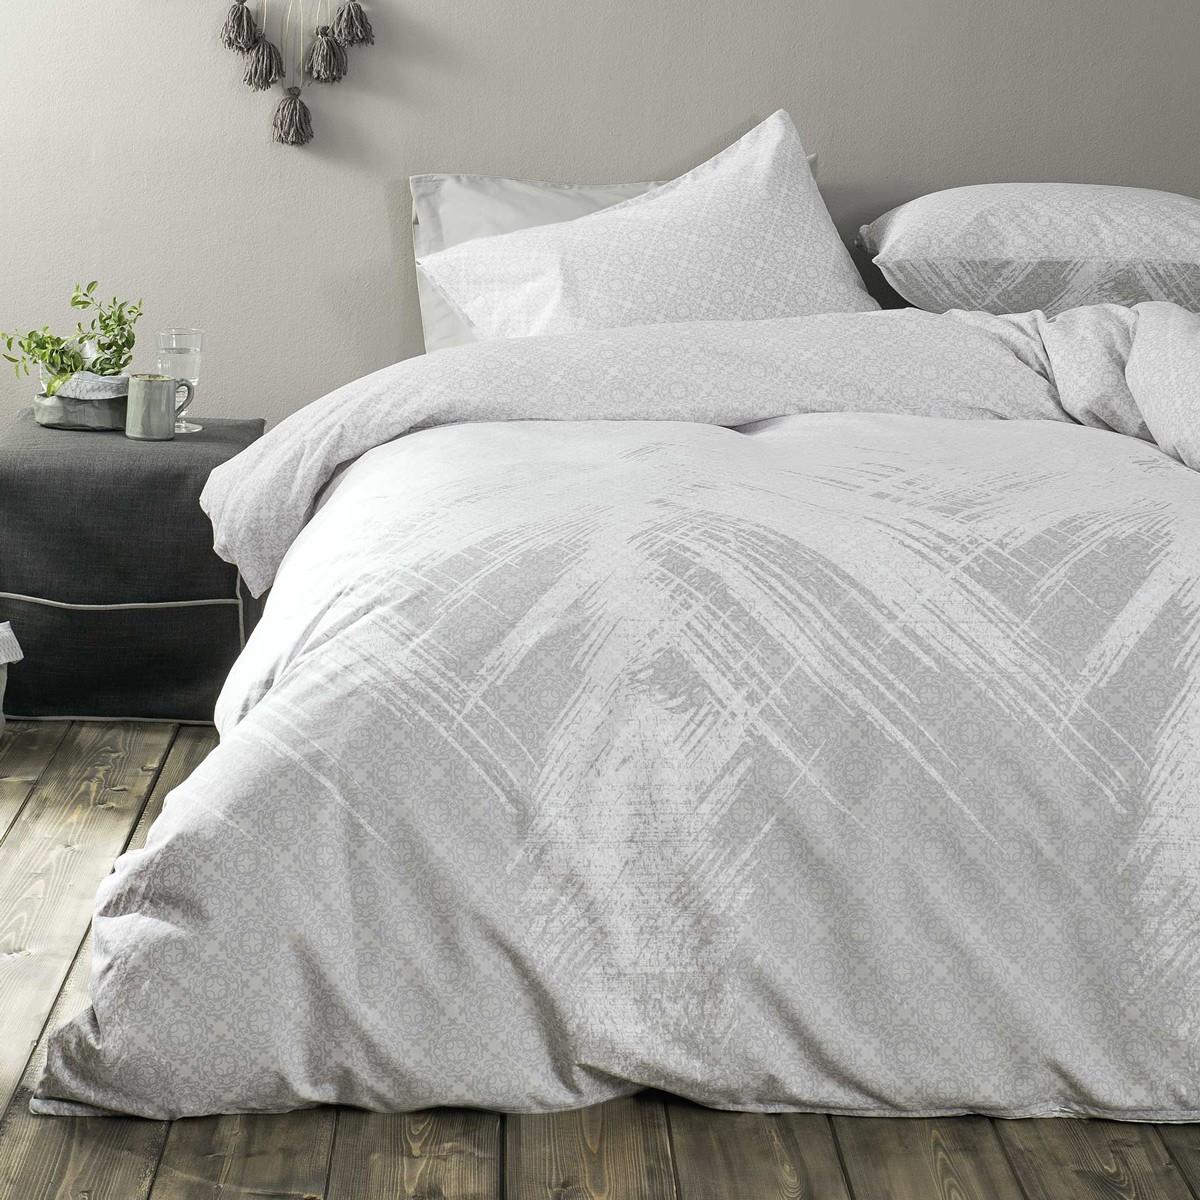 Σεντόνια Μονά (Σετ) Nima Bed Linen Portoro Grey ΜΕ ΛΑΣΤΙΧΟ ΜΕ ΛΑΣΤΙΧΟ